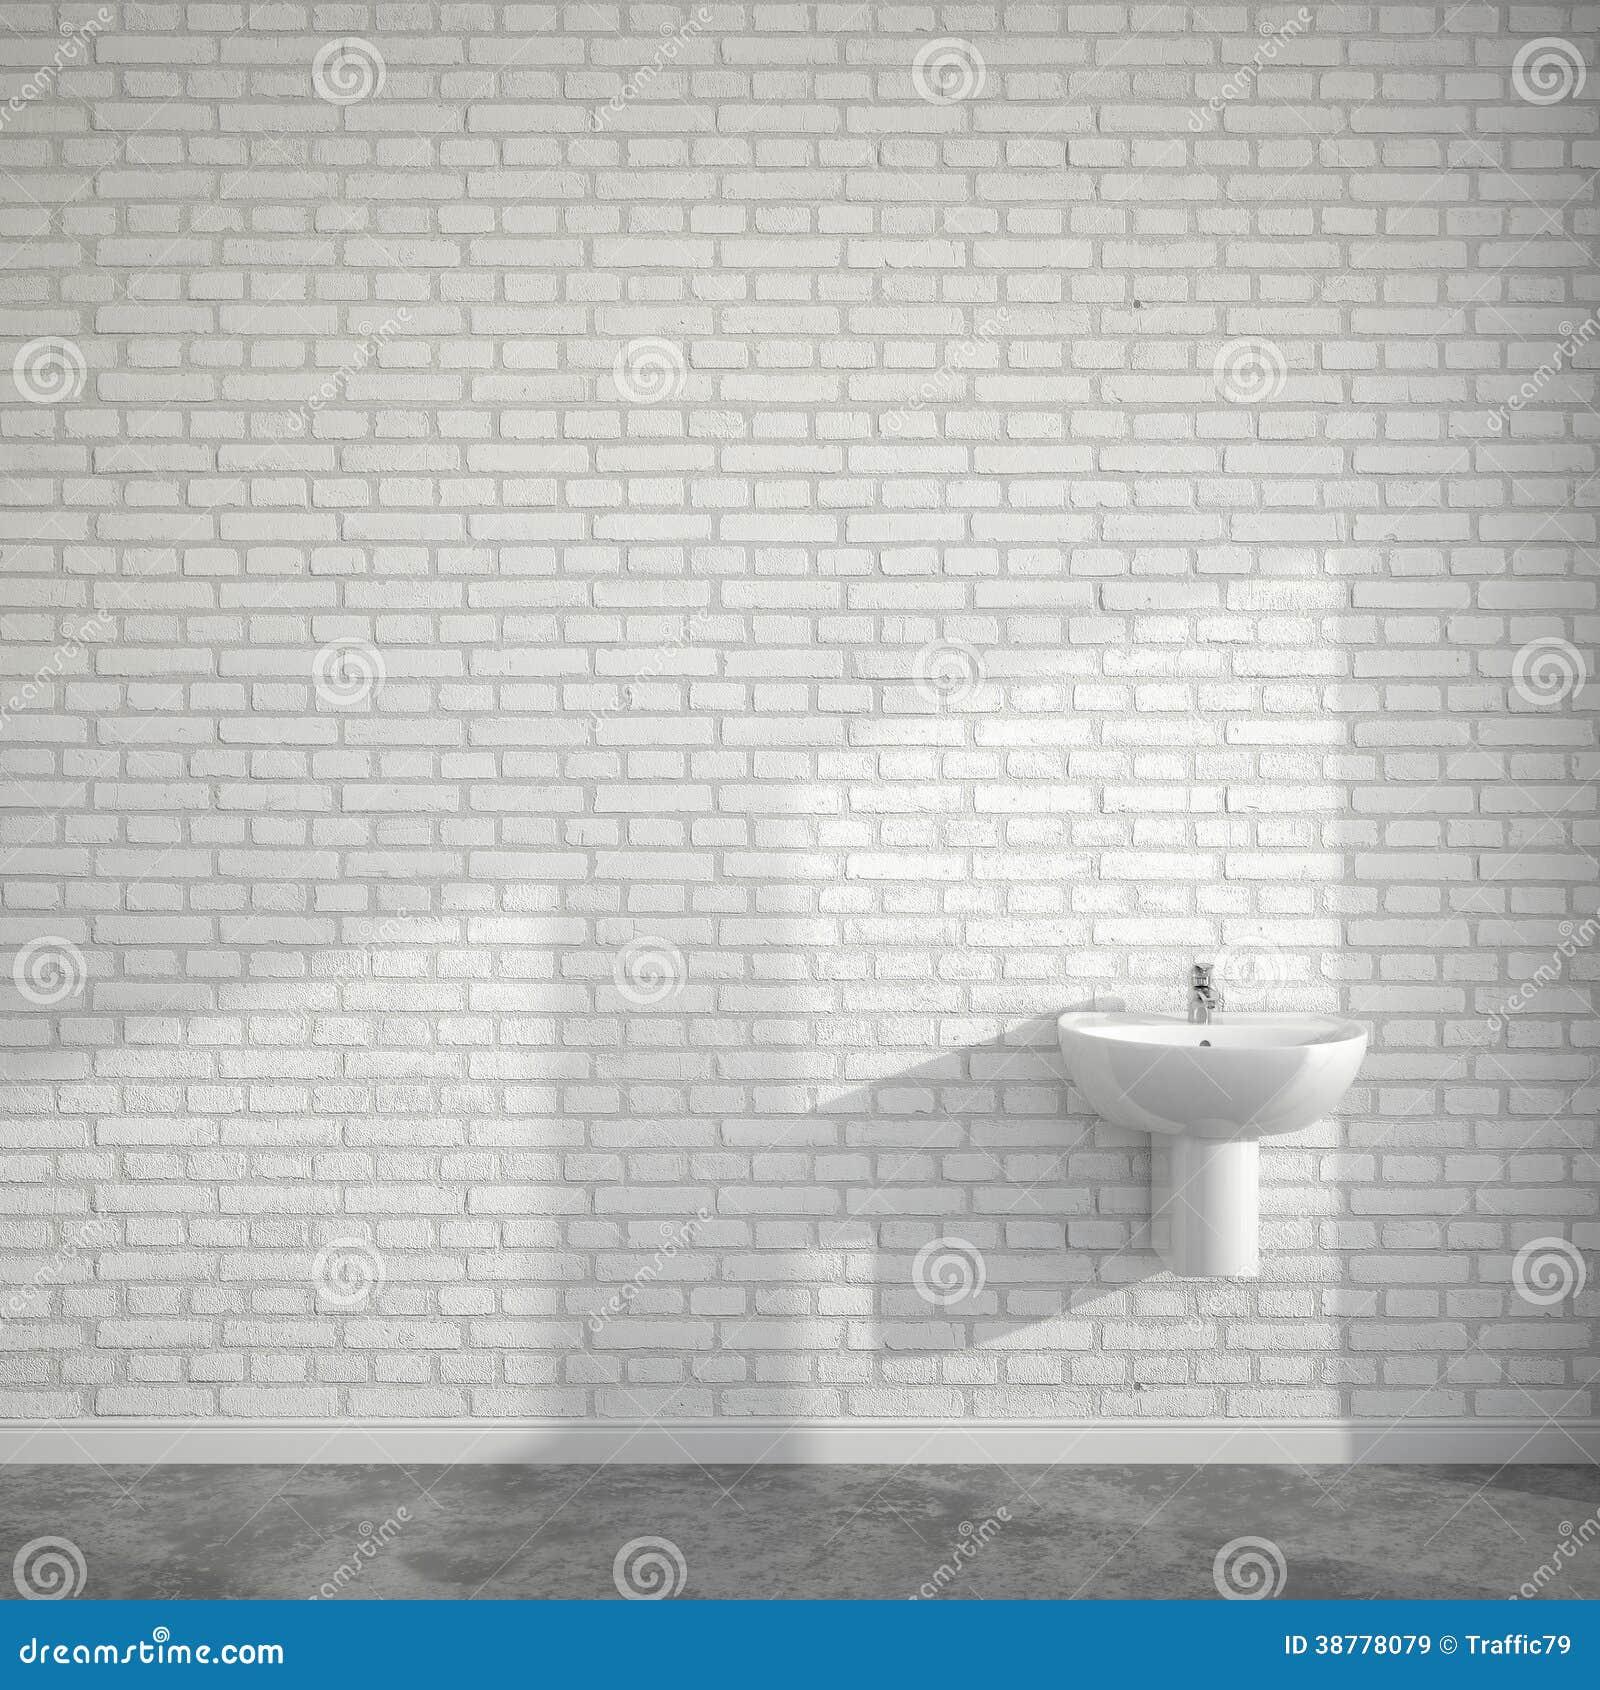 WC-ruimte met wasbassin bij lege muur van bakstenen